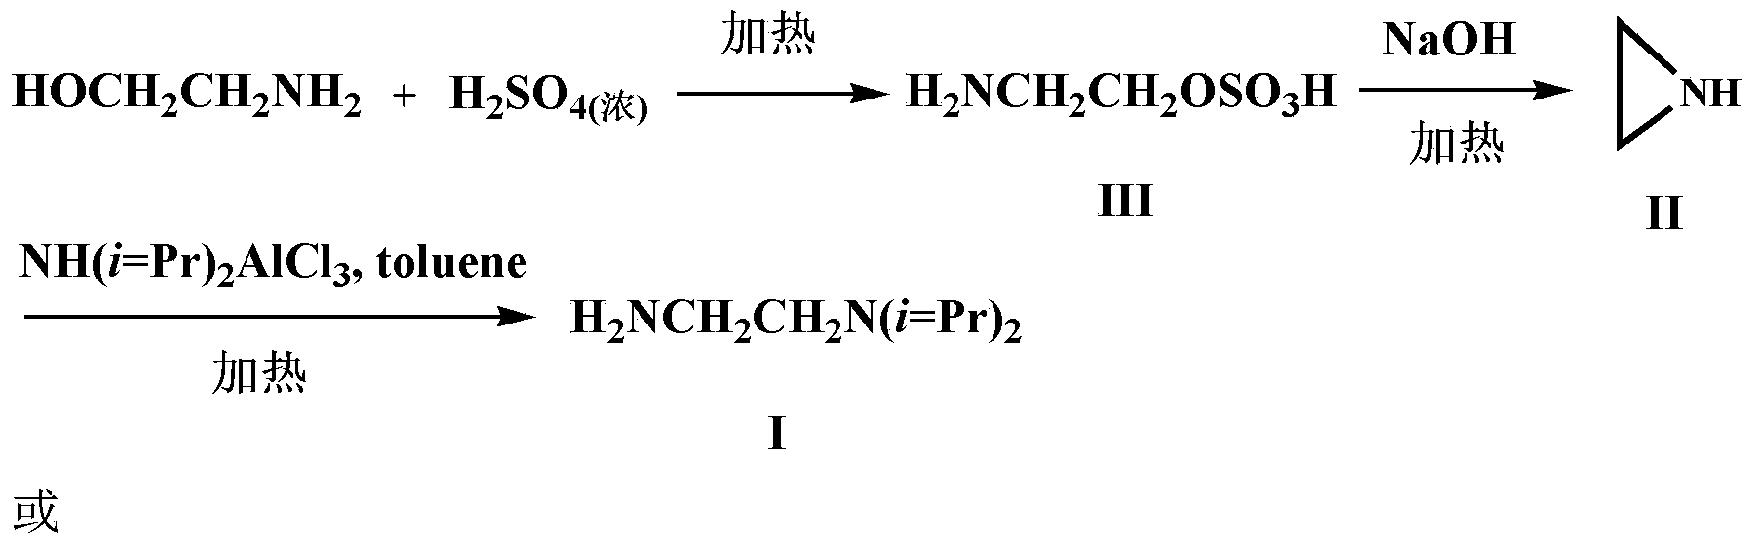 Figure PCTCN2019107412-appb-000005